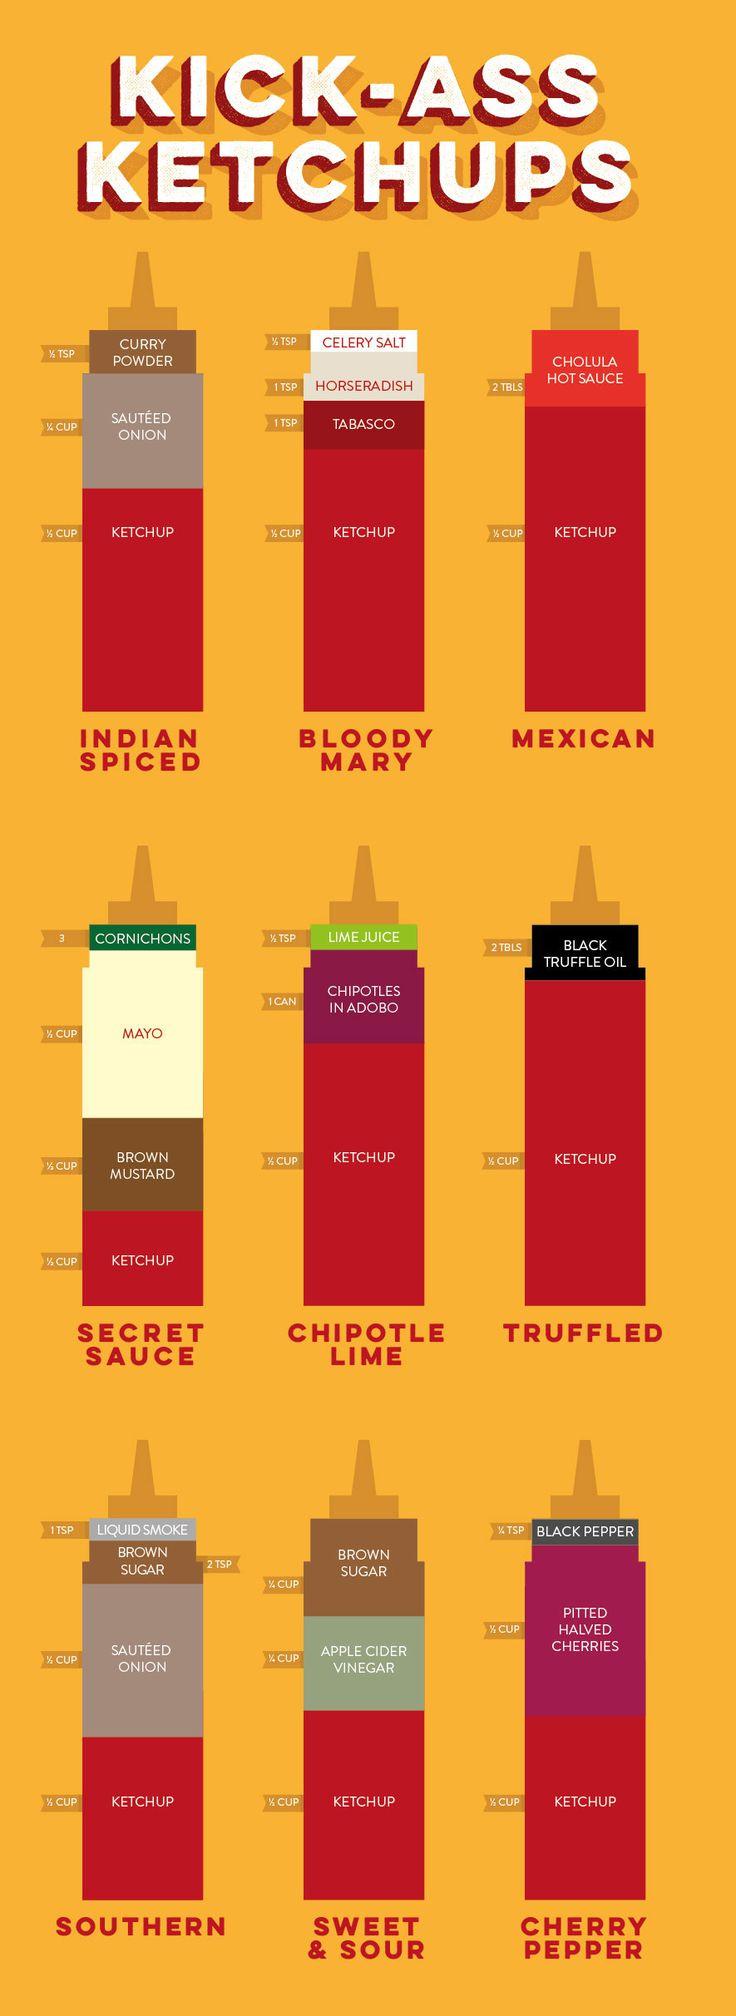 Kickass-Ketchup Recipes